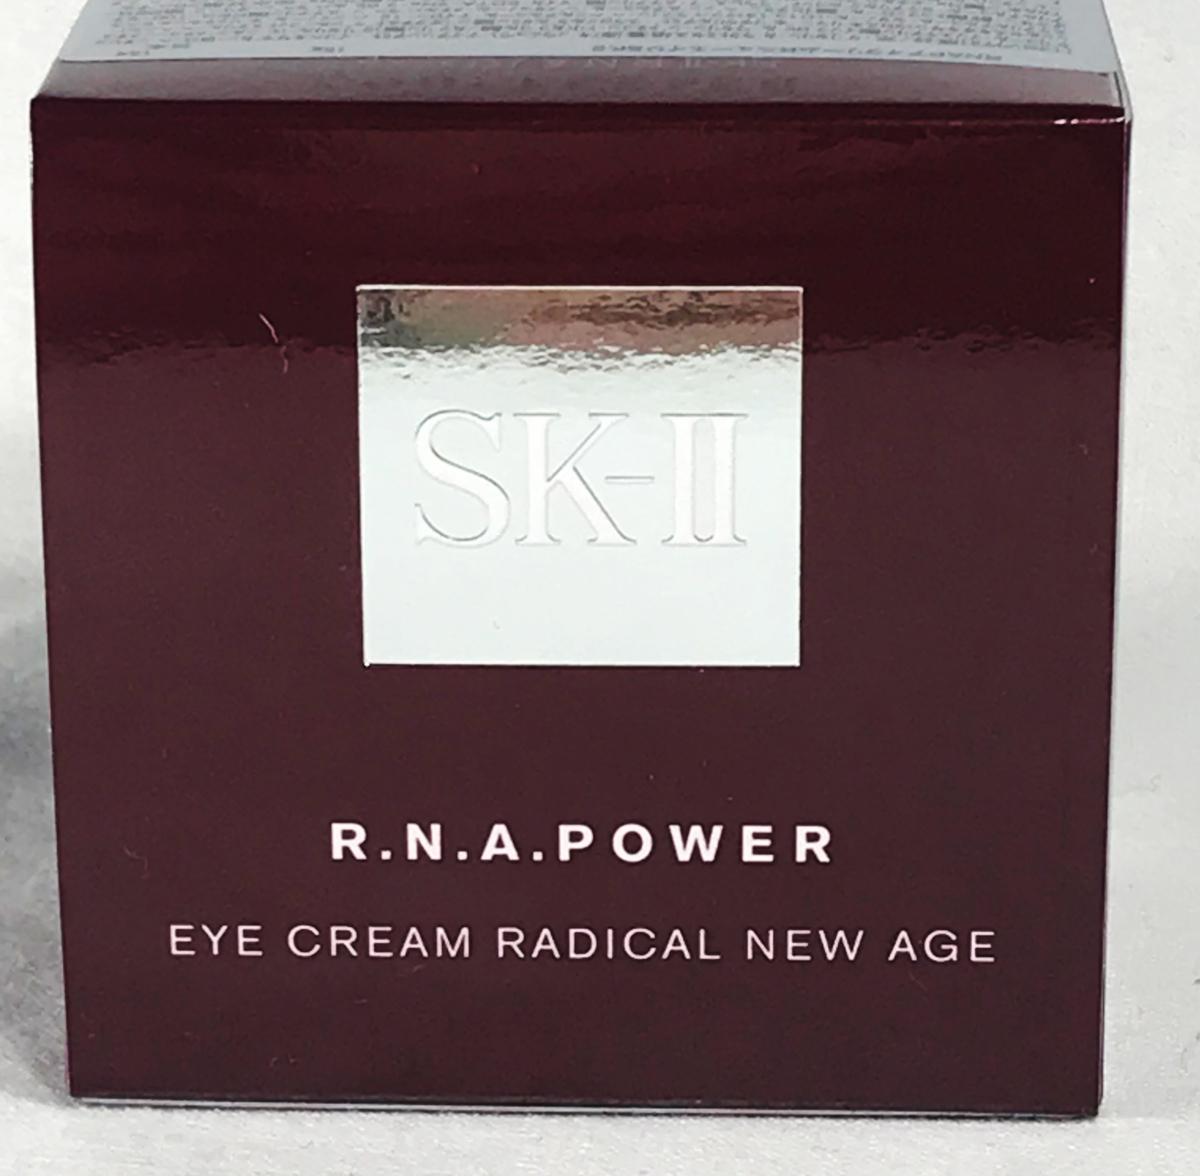 【新品】 SK-II R.N.A. パワー アイ クリーム ラディカル ニュー エイジ 目元用クリーム 15g 並行輸入品 日本製